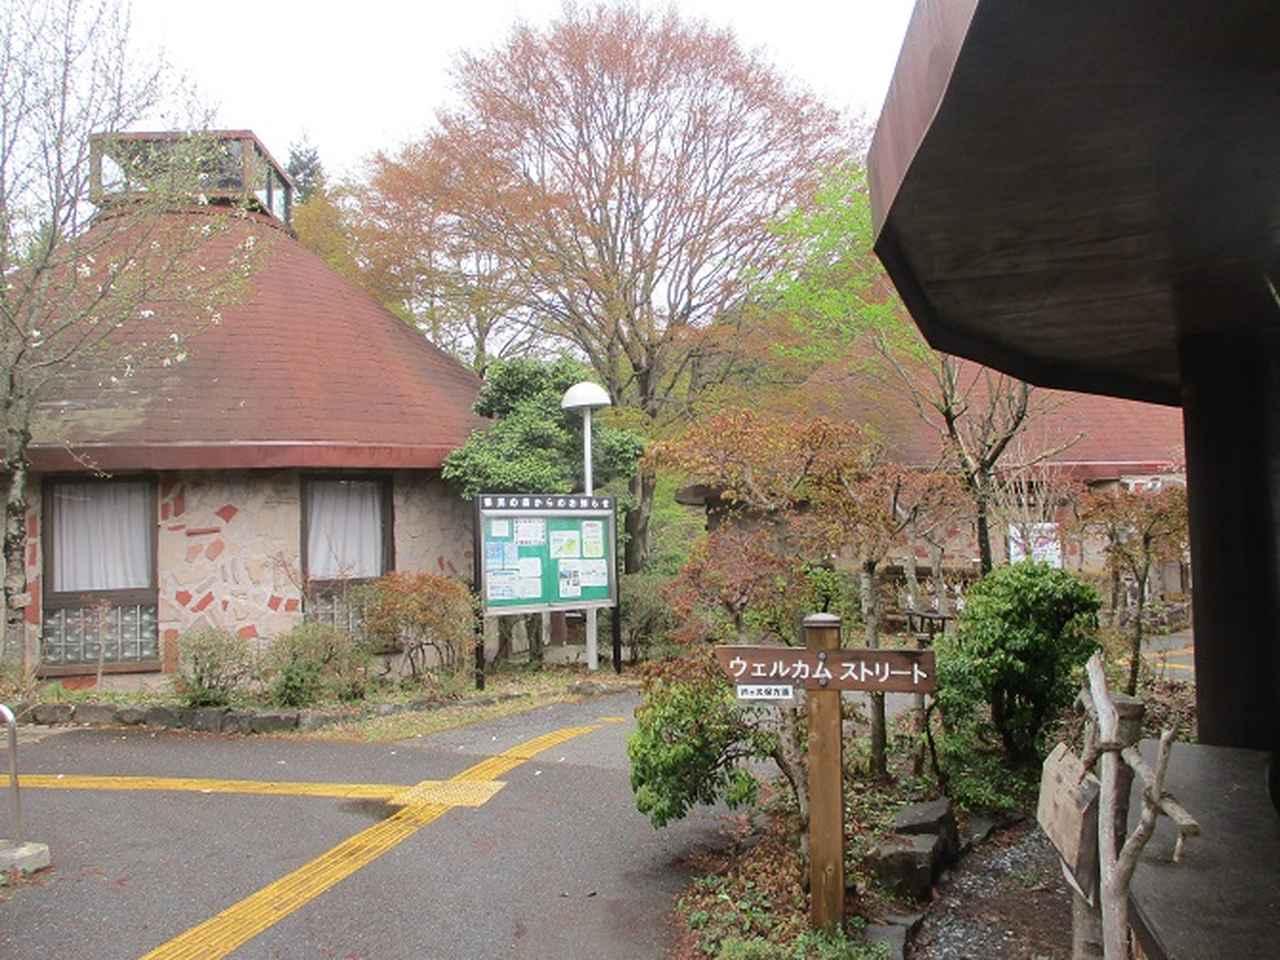 画像9: 本日は 秩父丸山 ツアーの下見のご報告です!